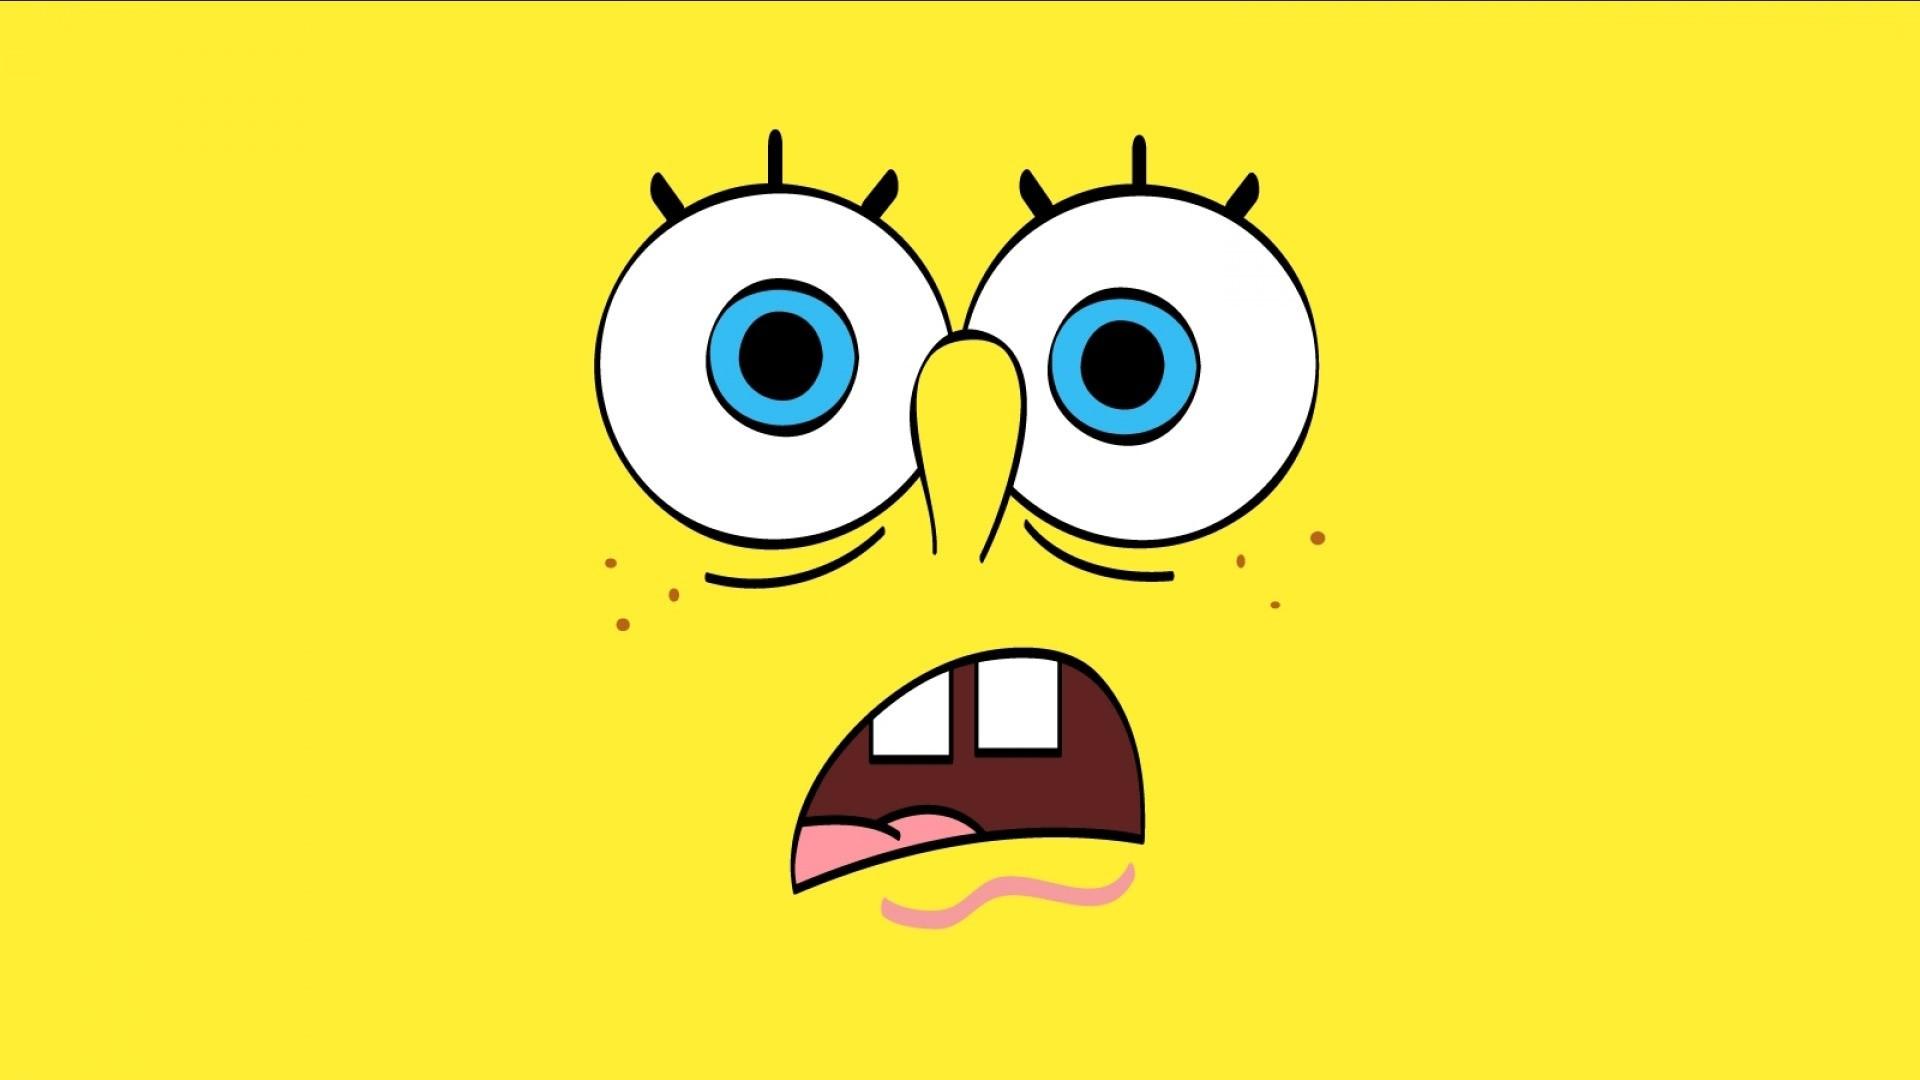 Res: 1920x1080, Backgrounds spongebob wallpaper . Backgrounds spongebob wallpaper  .